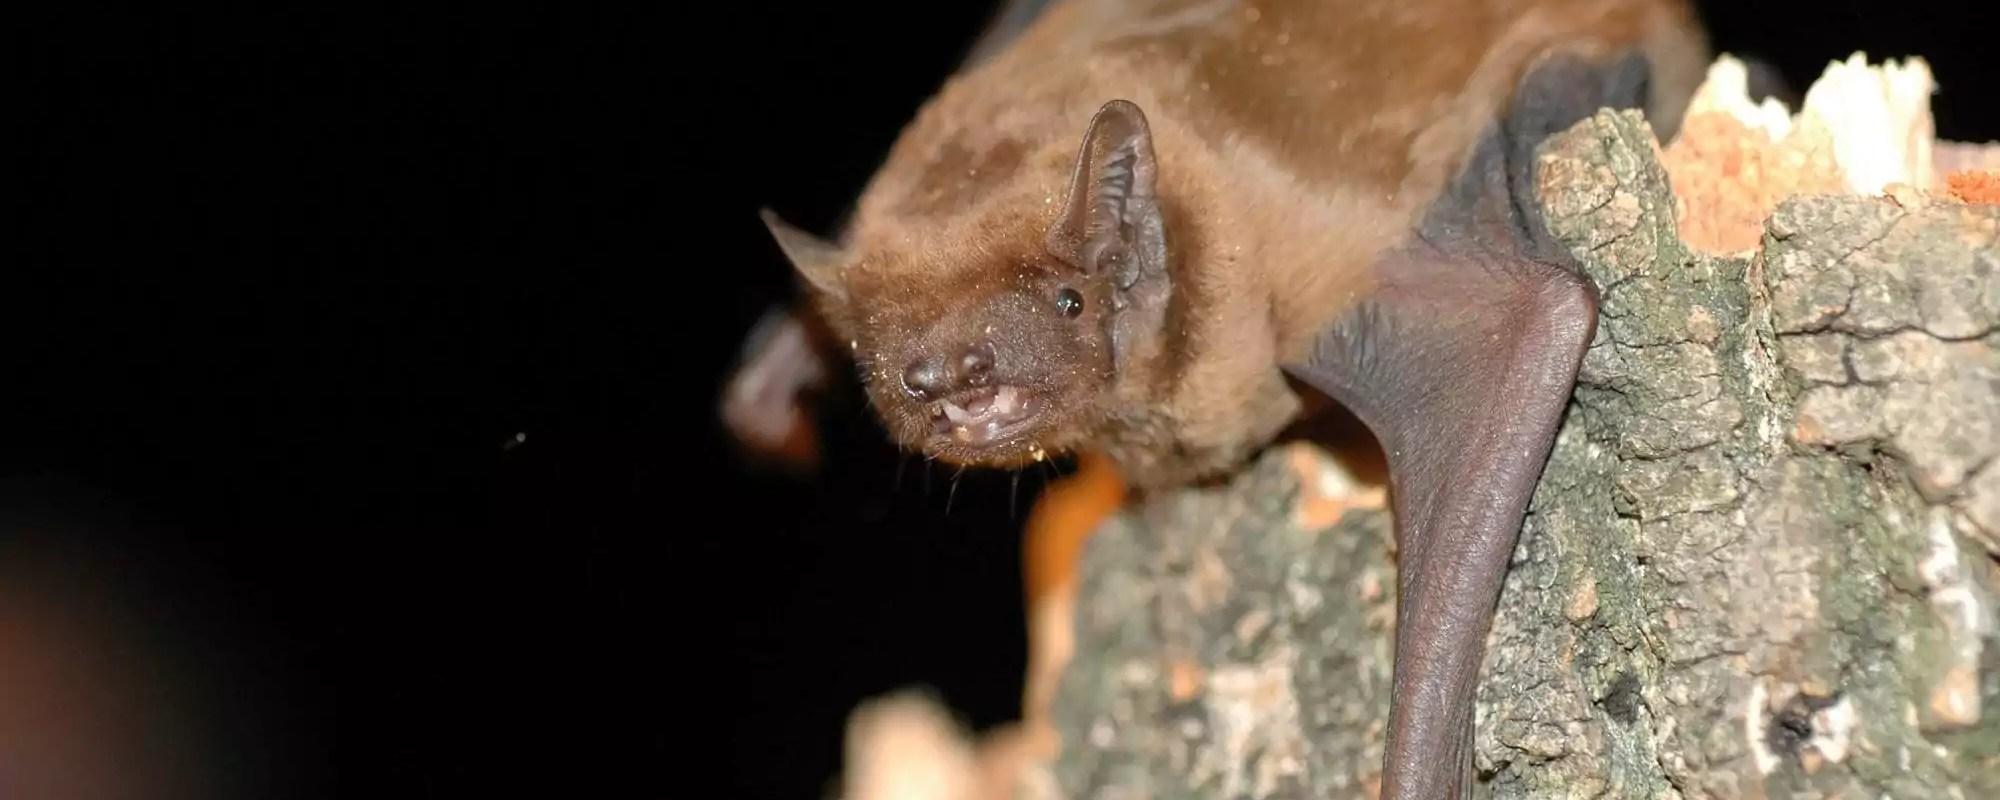 Les chauves-souris alsaciennes, un trésor de biodiversité menacé